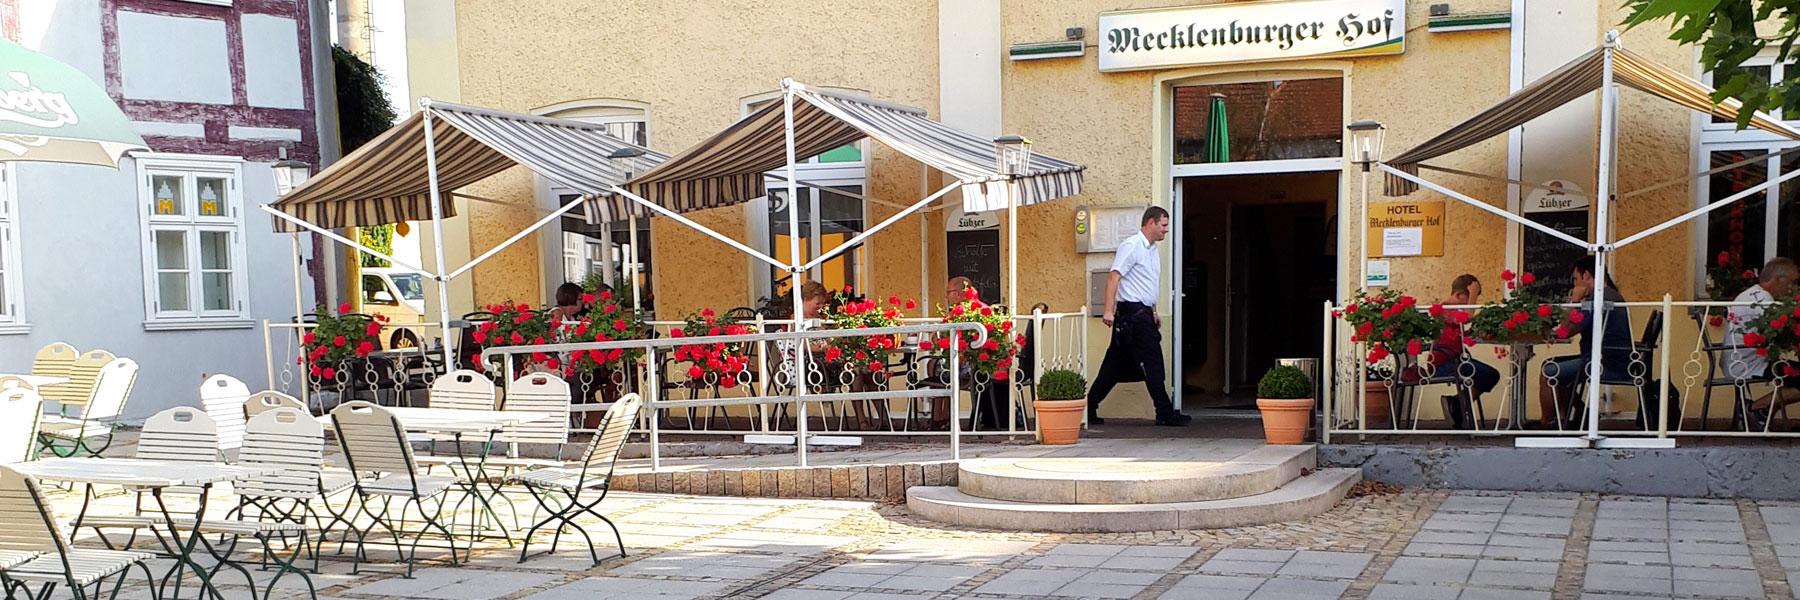 Außenansicht - Mecklenburger Hof